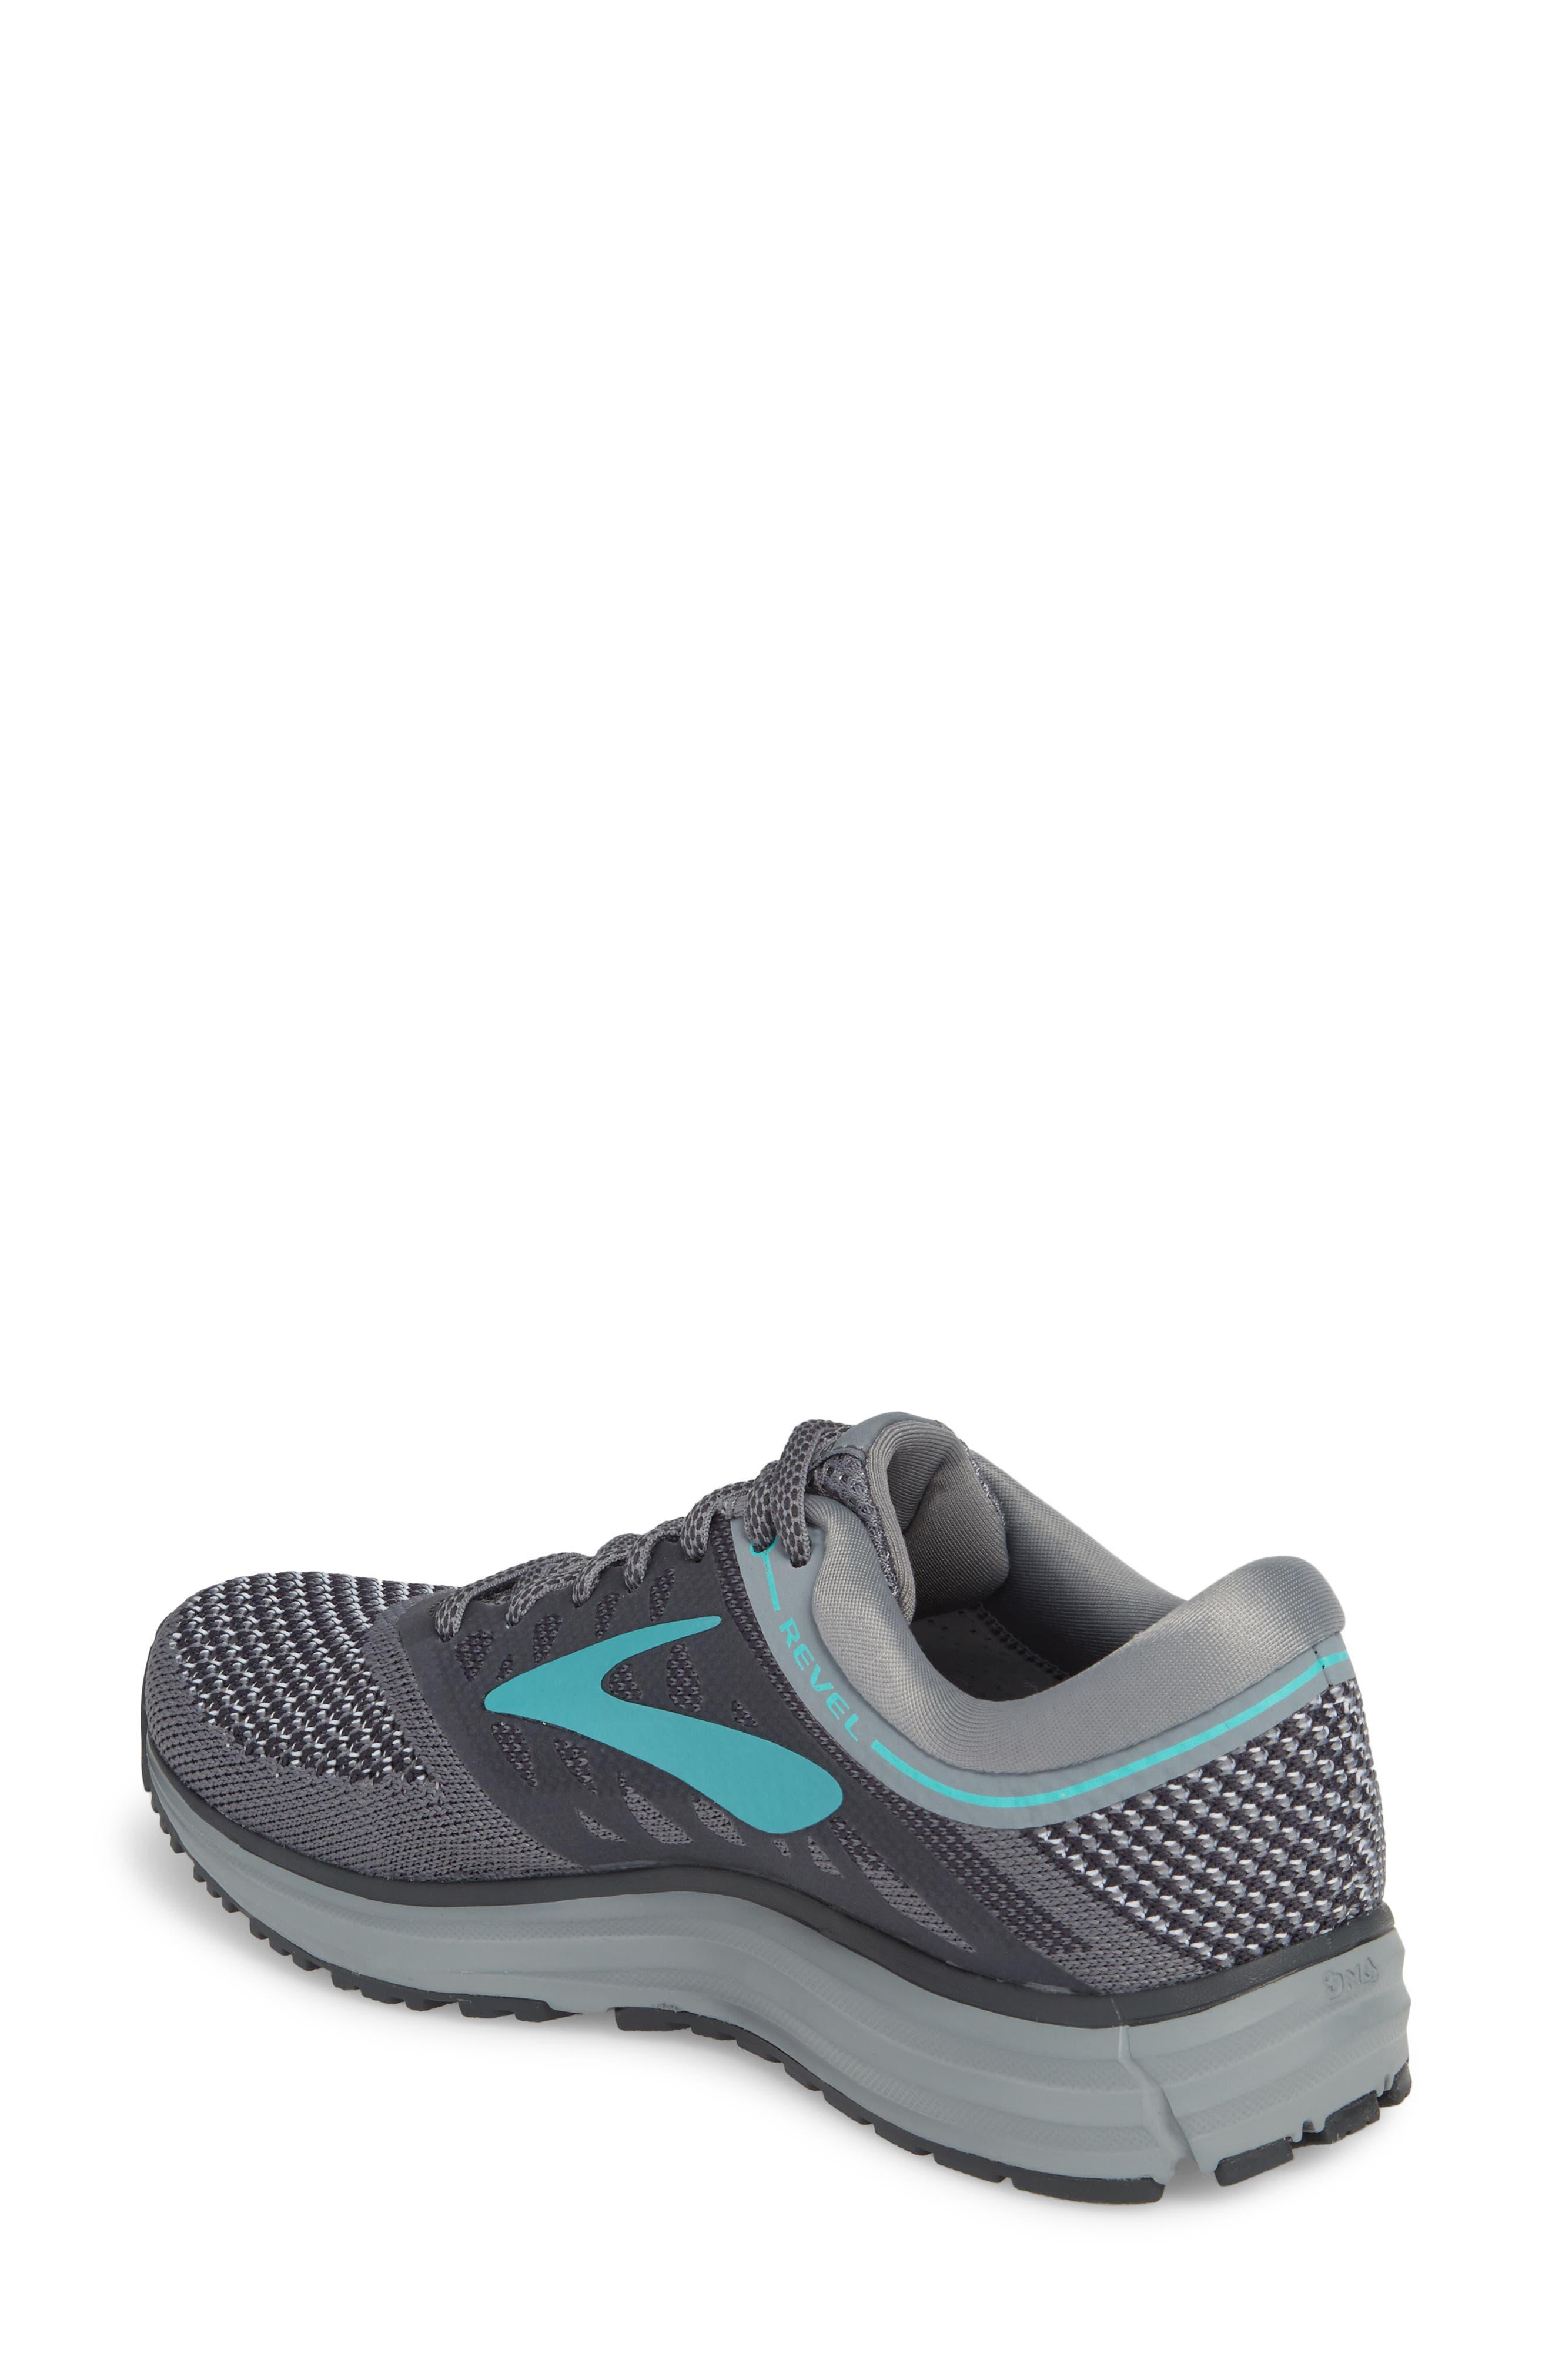 Revel Running Shoe,                             Alternate thumbnail 2, color,                             037